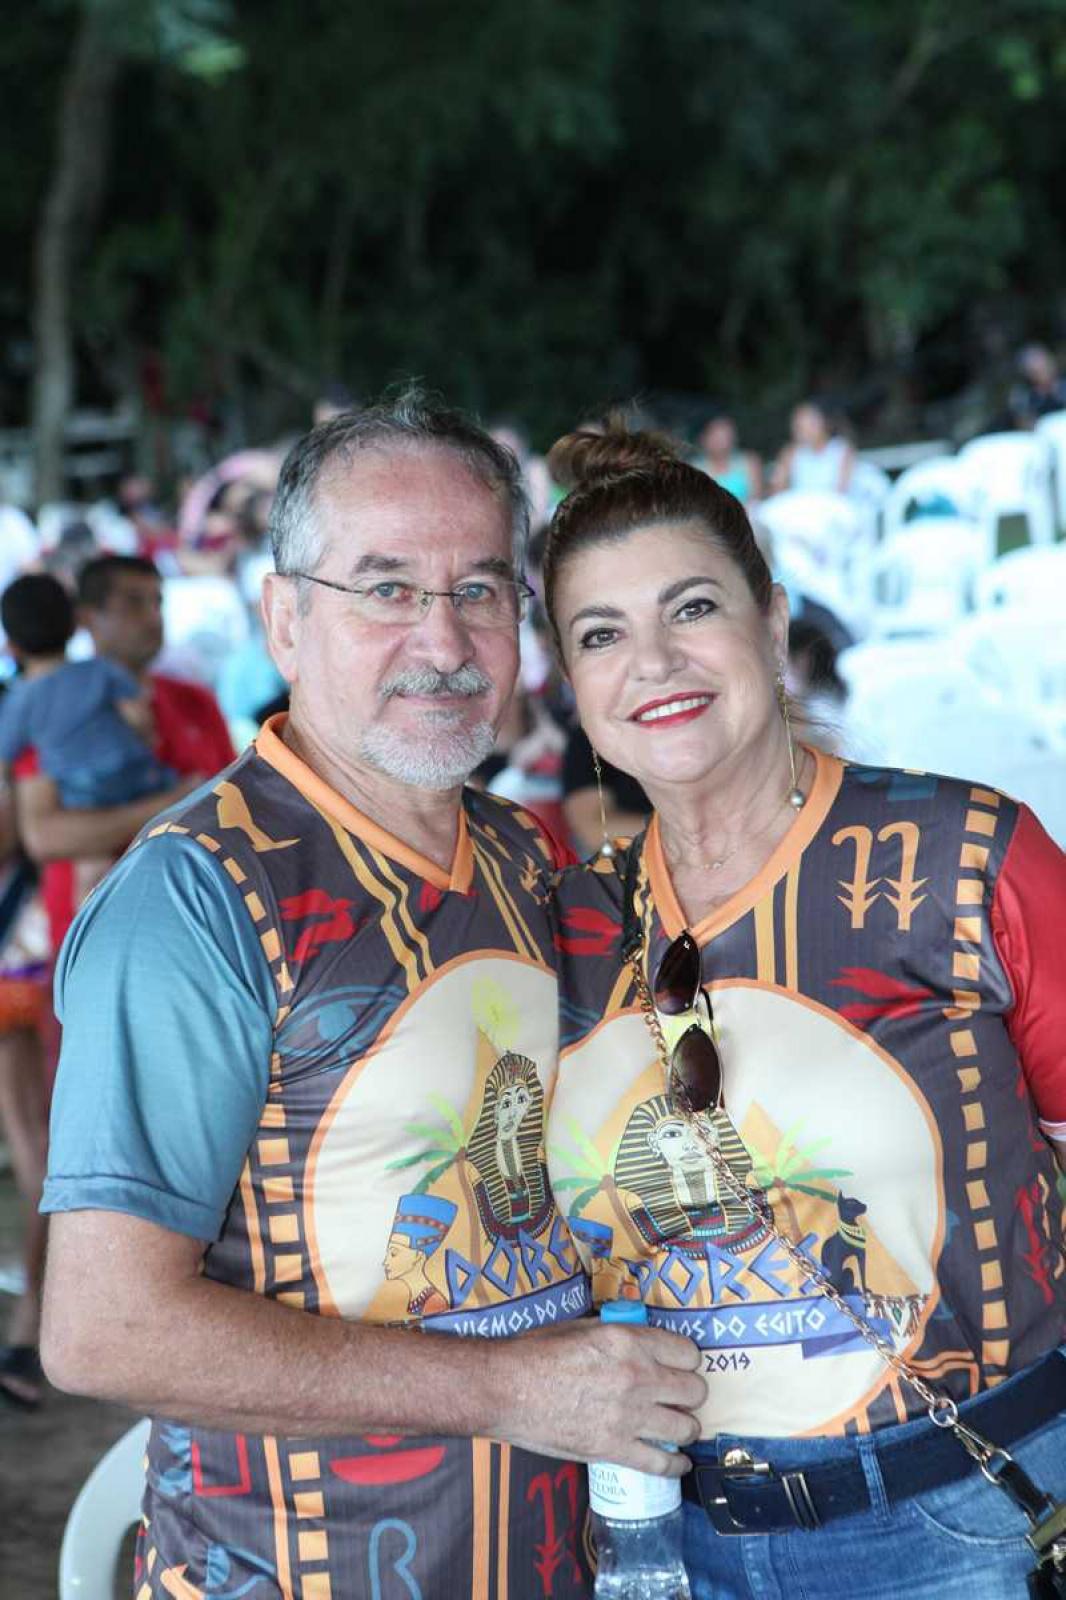 Carnaval 2019 - Apresentação das Rainhas